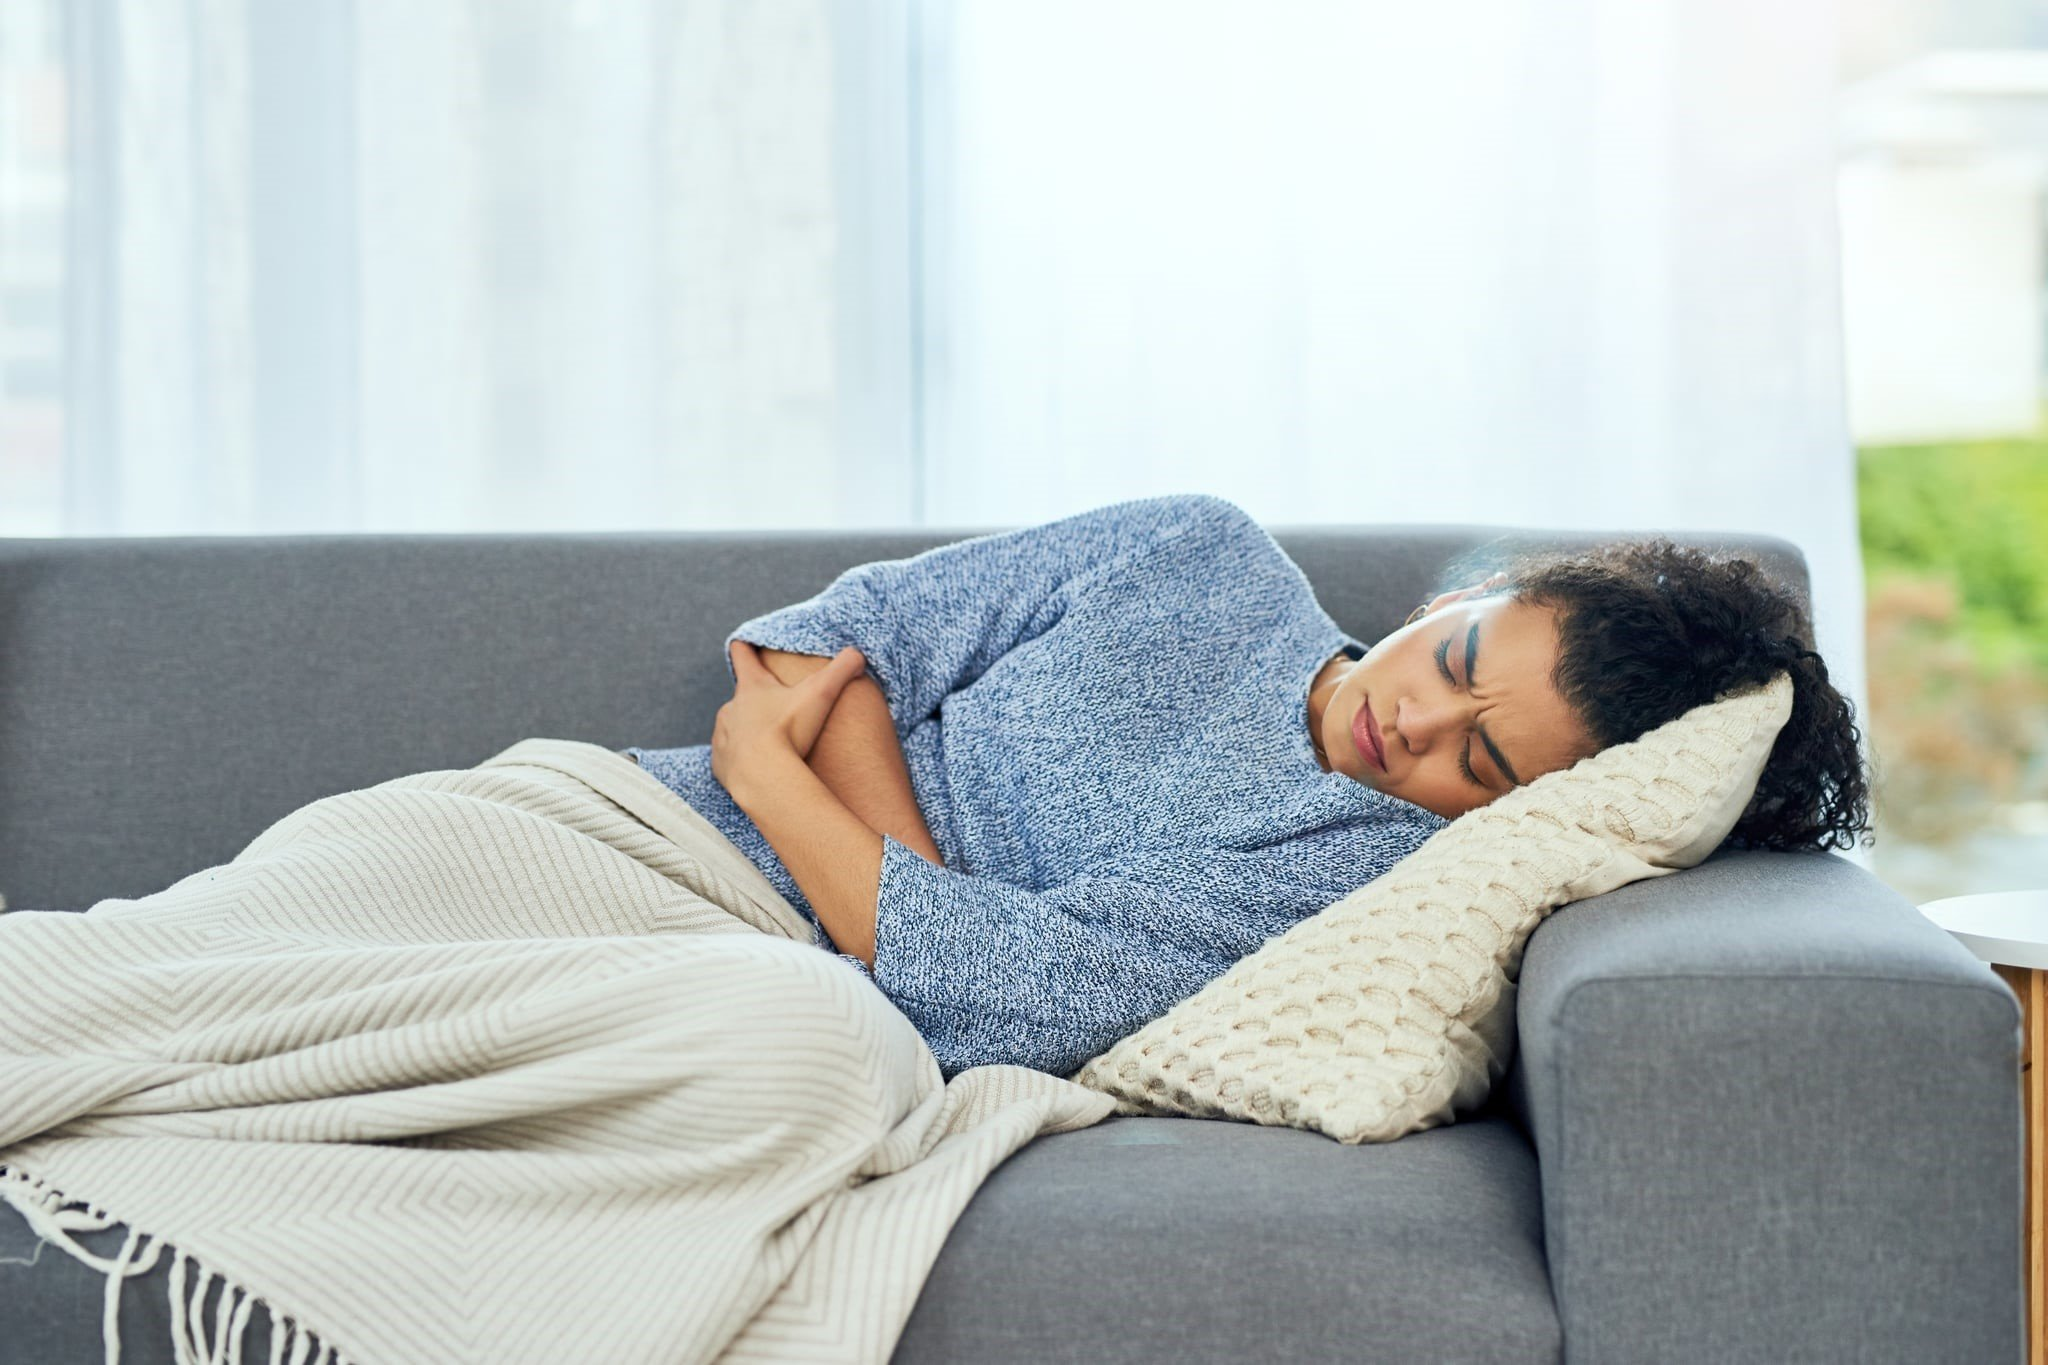 Lạc nội mạc tử cung có nguy hiểm không?